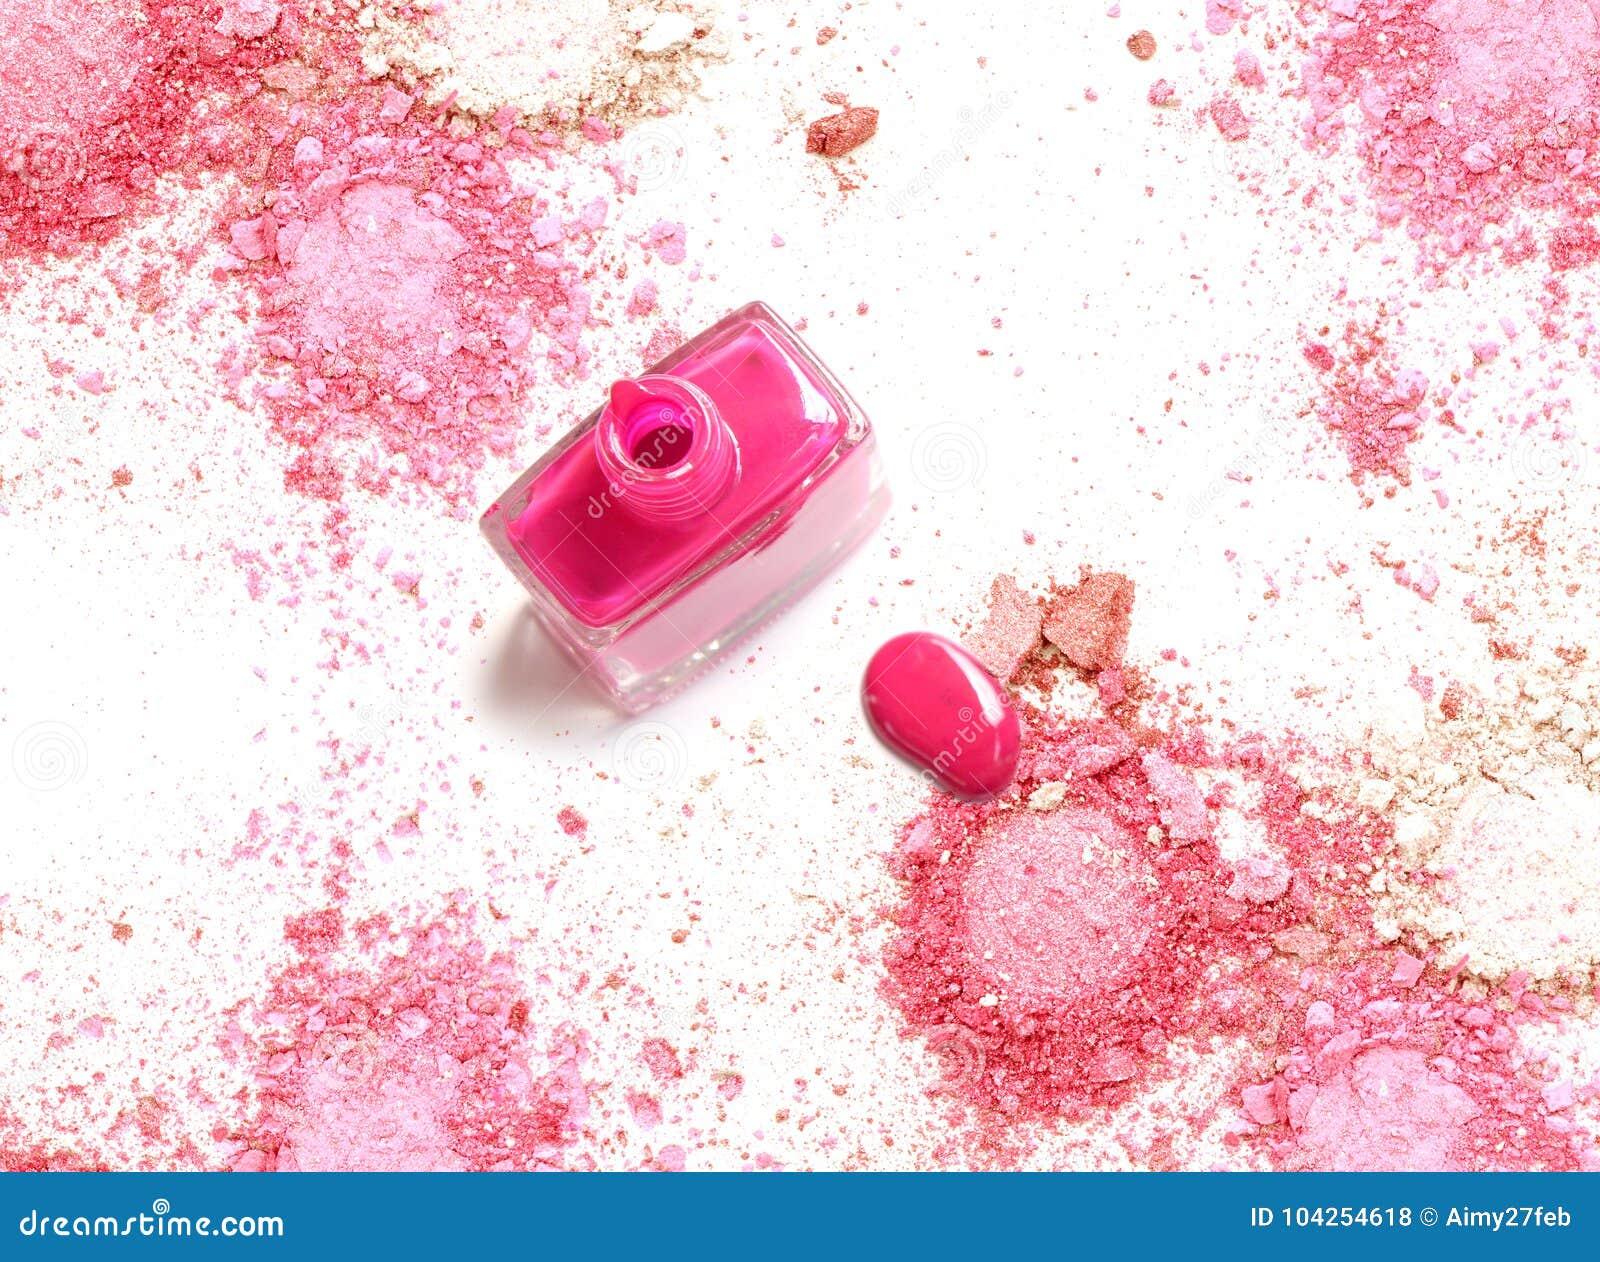 Le vernis à ongles rose sur la poudre rose écrasée composent